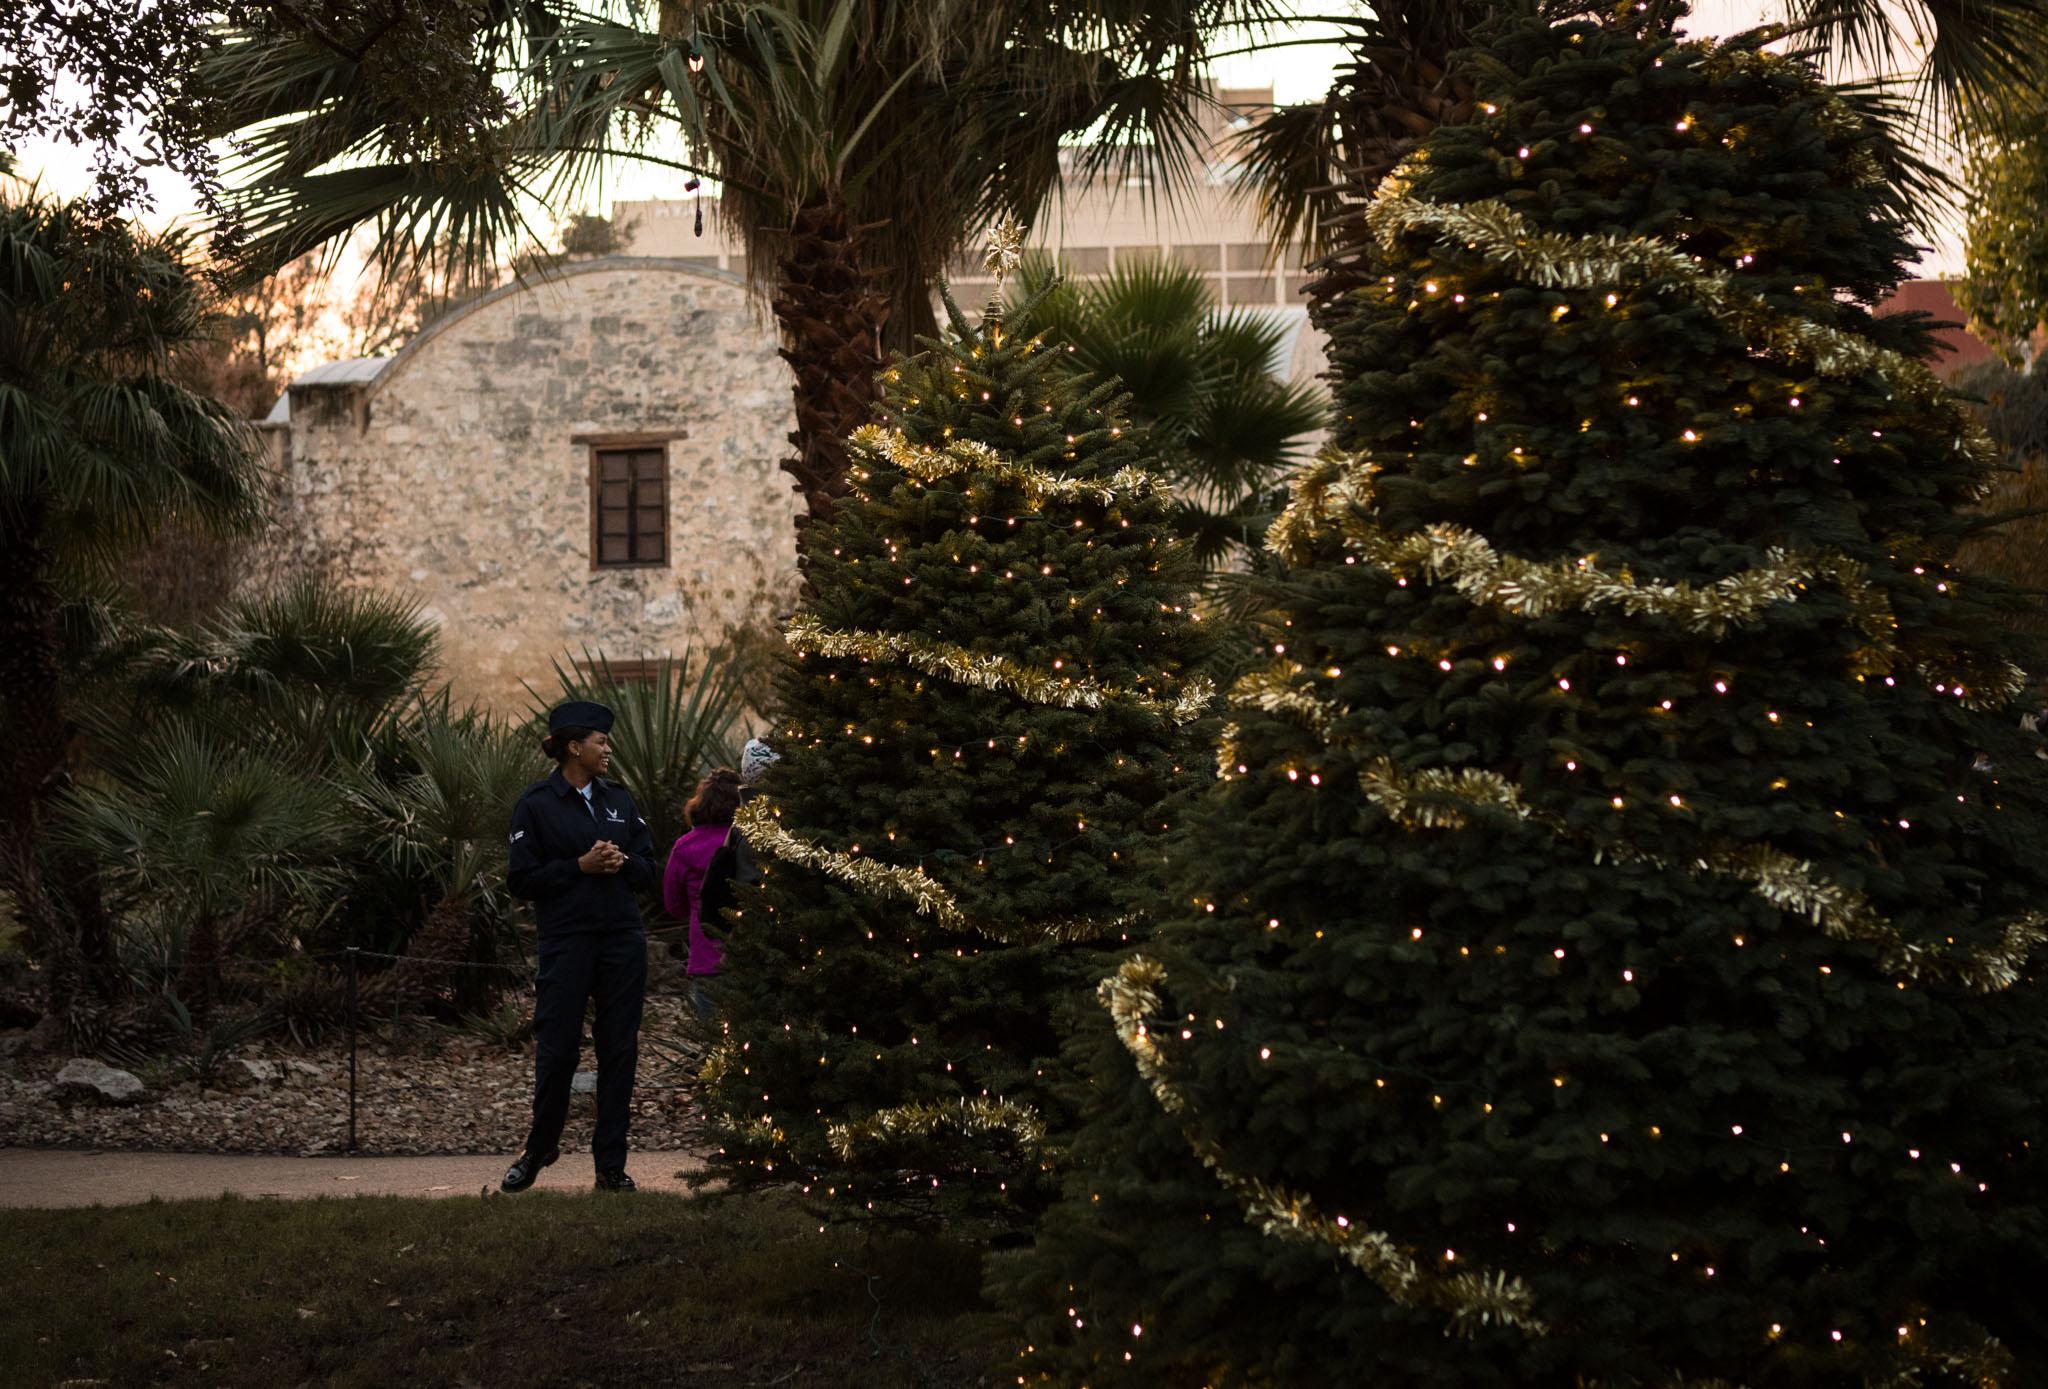 Lights adorn Christmas trees at the Alamo.